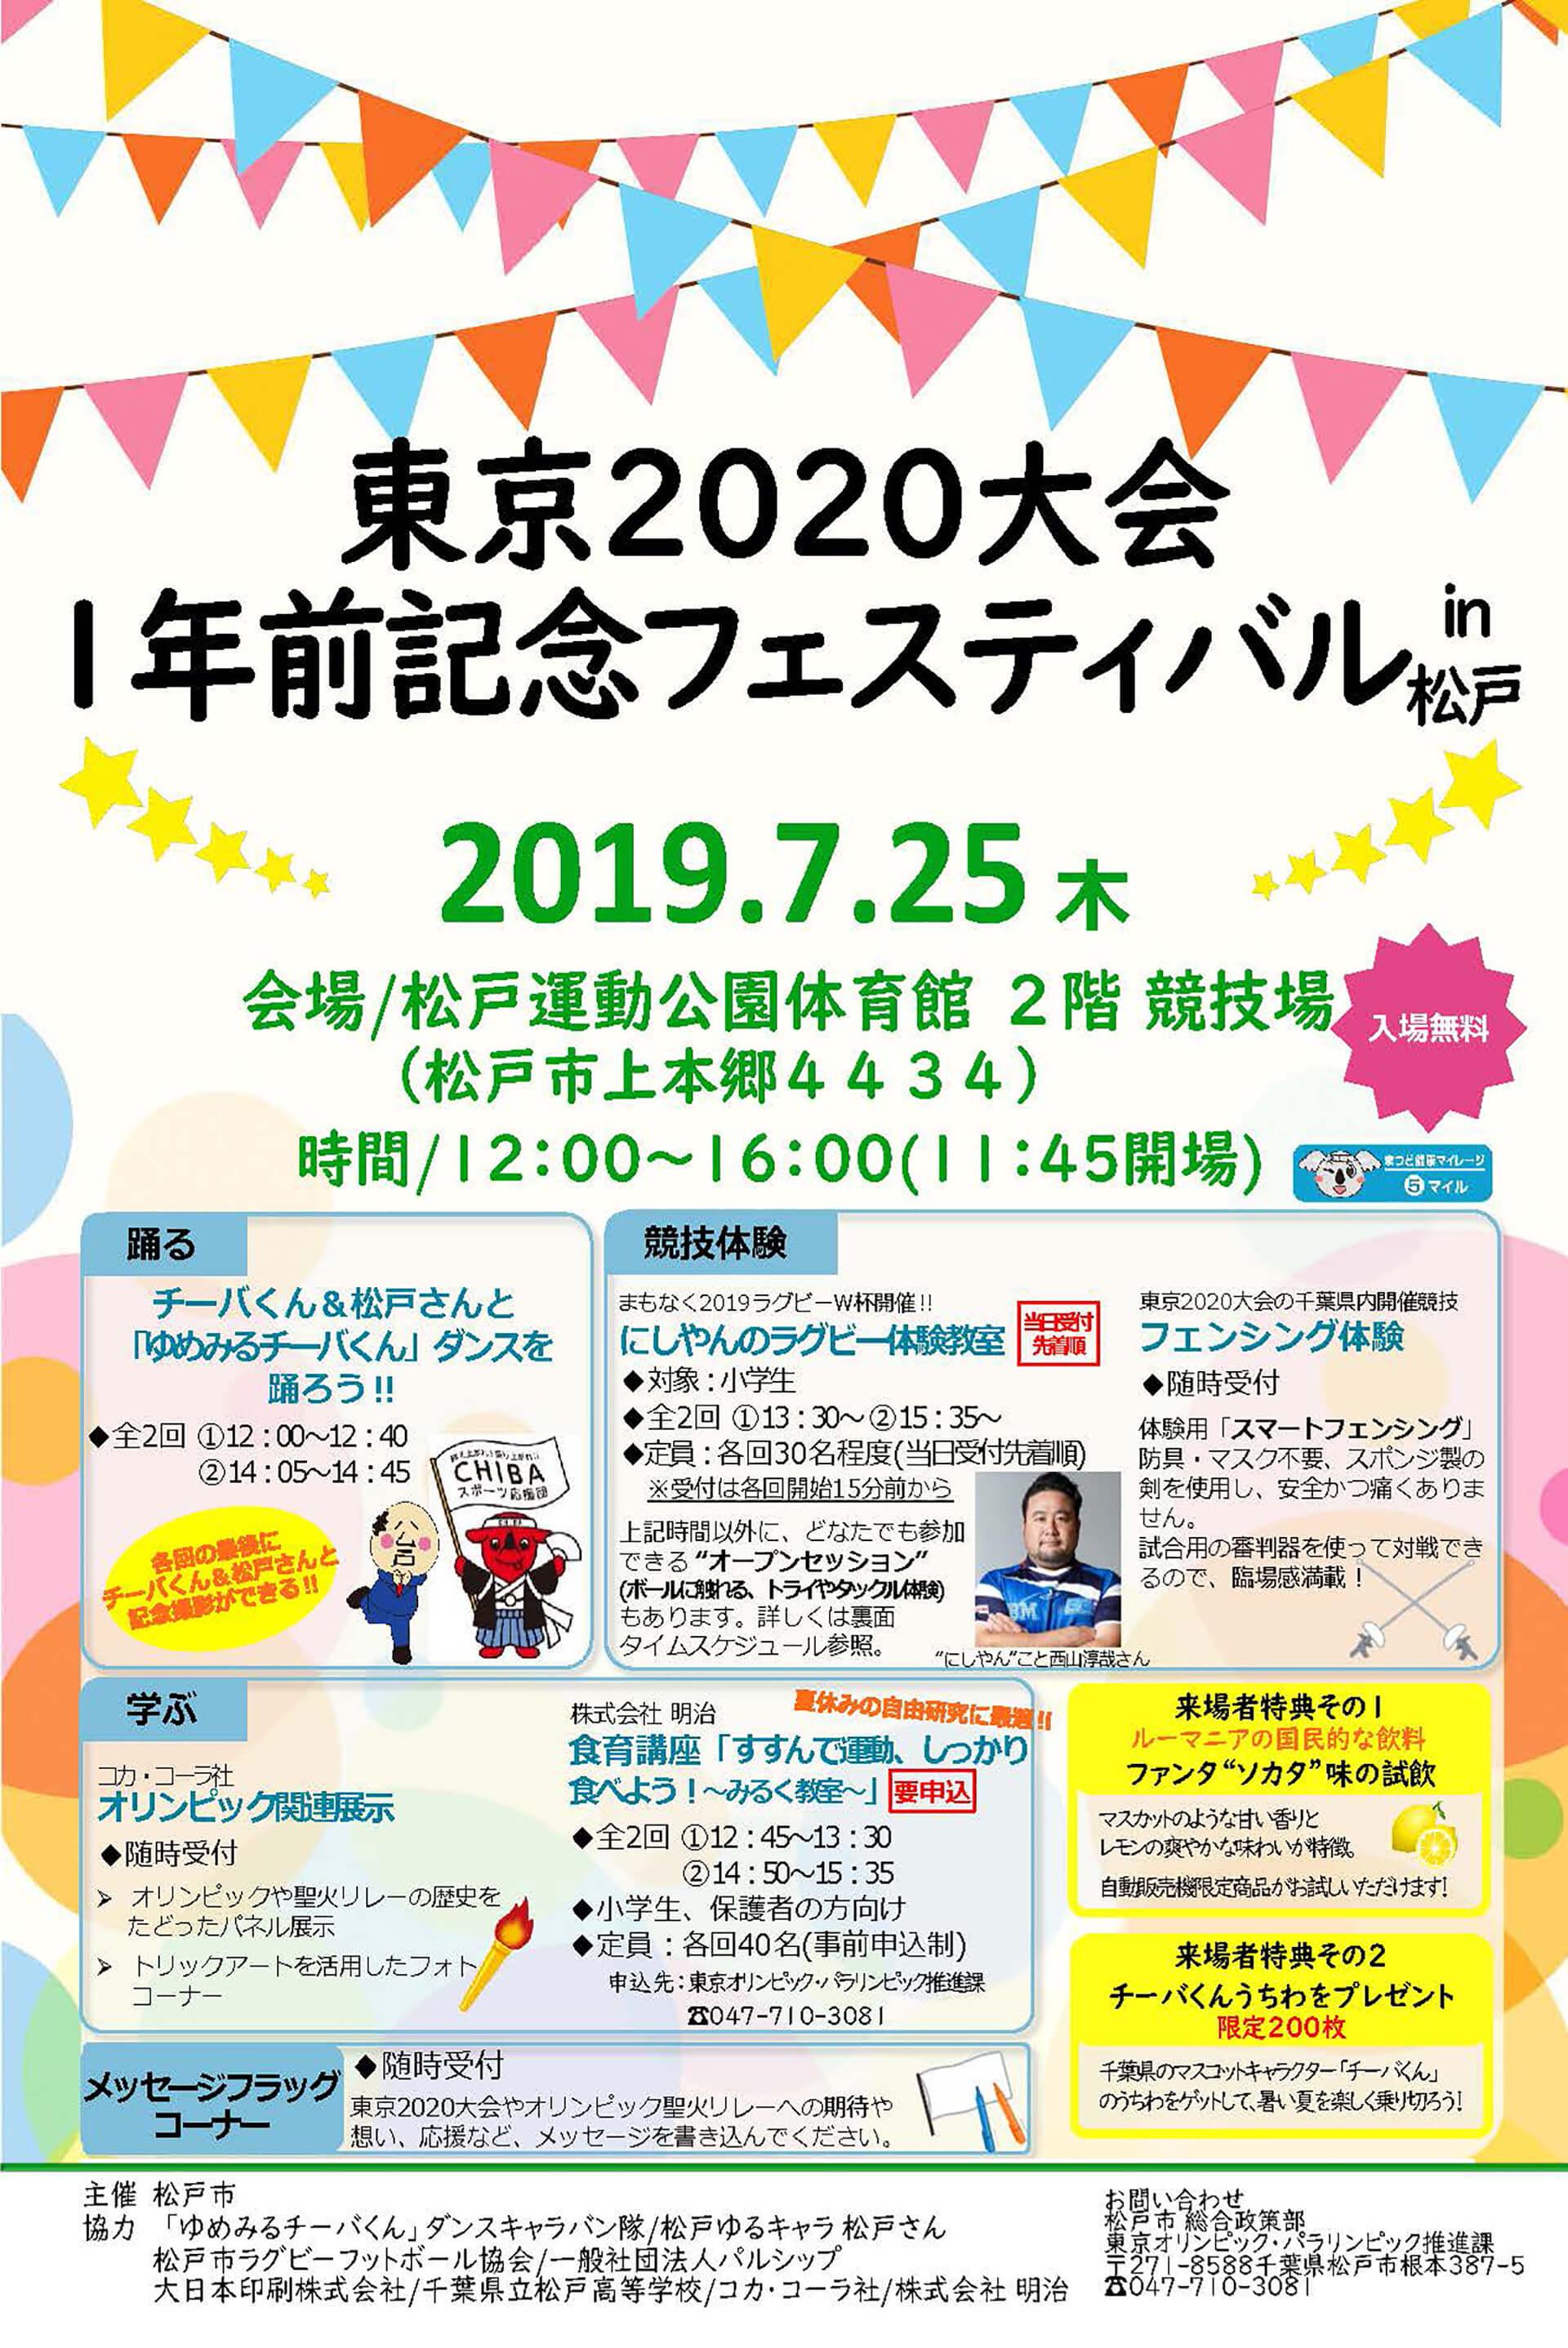 この写真は、東京2020大会1年前記念フェスティバルin松戸の告知ポスター。プログラムの内容が列挙されています